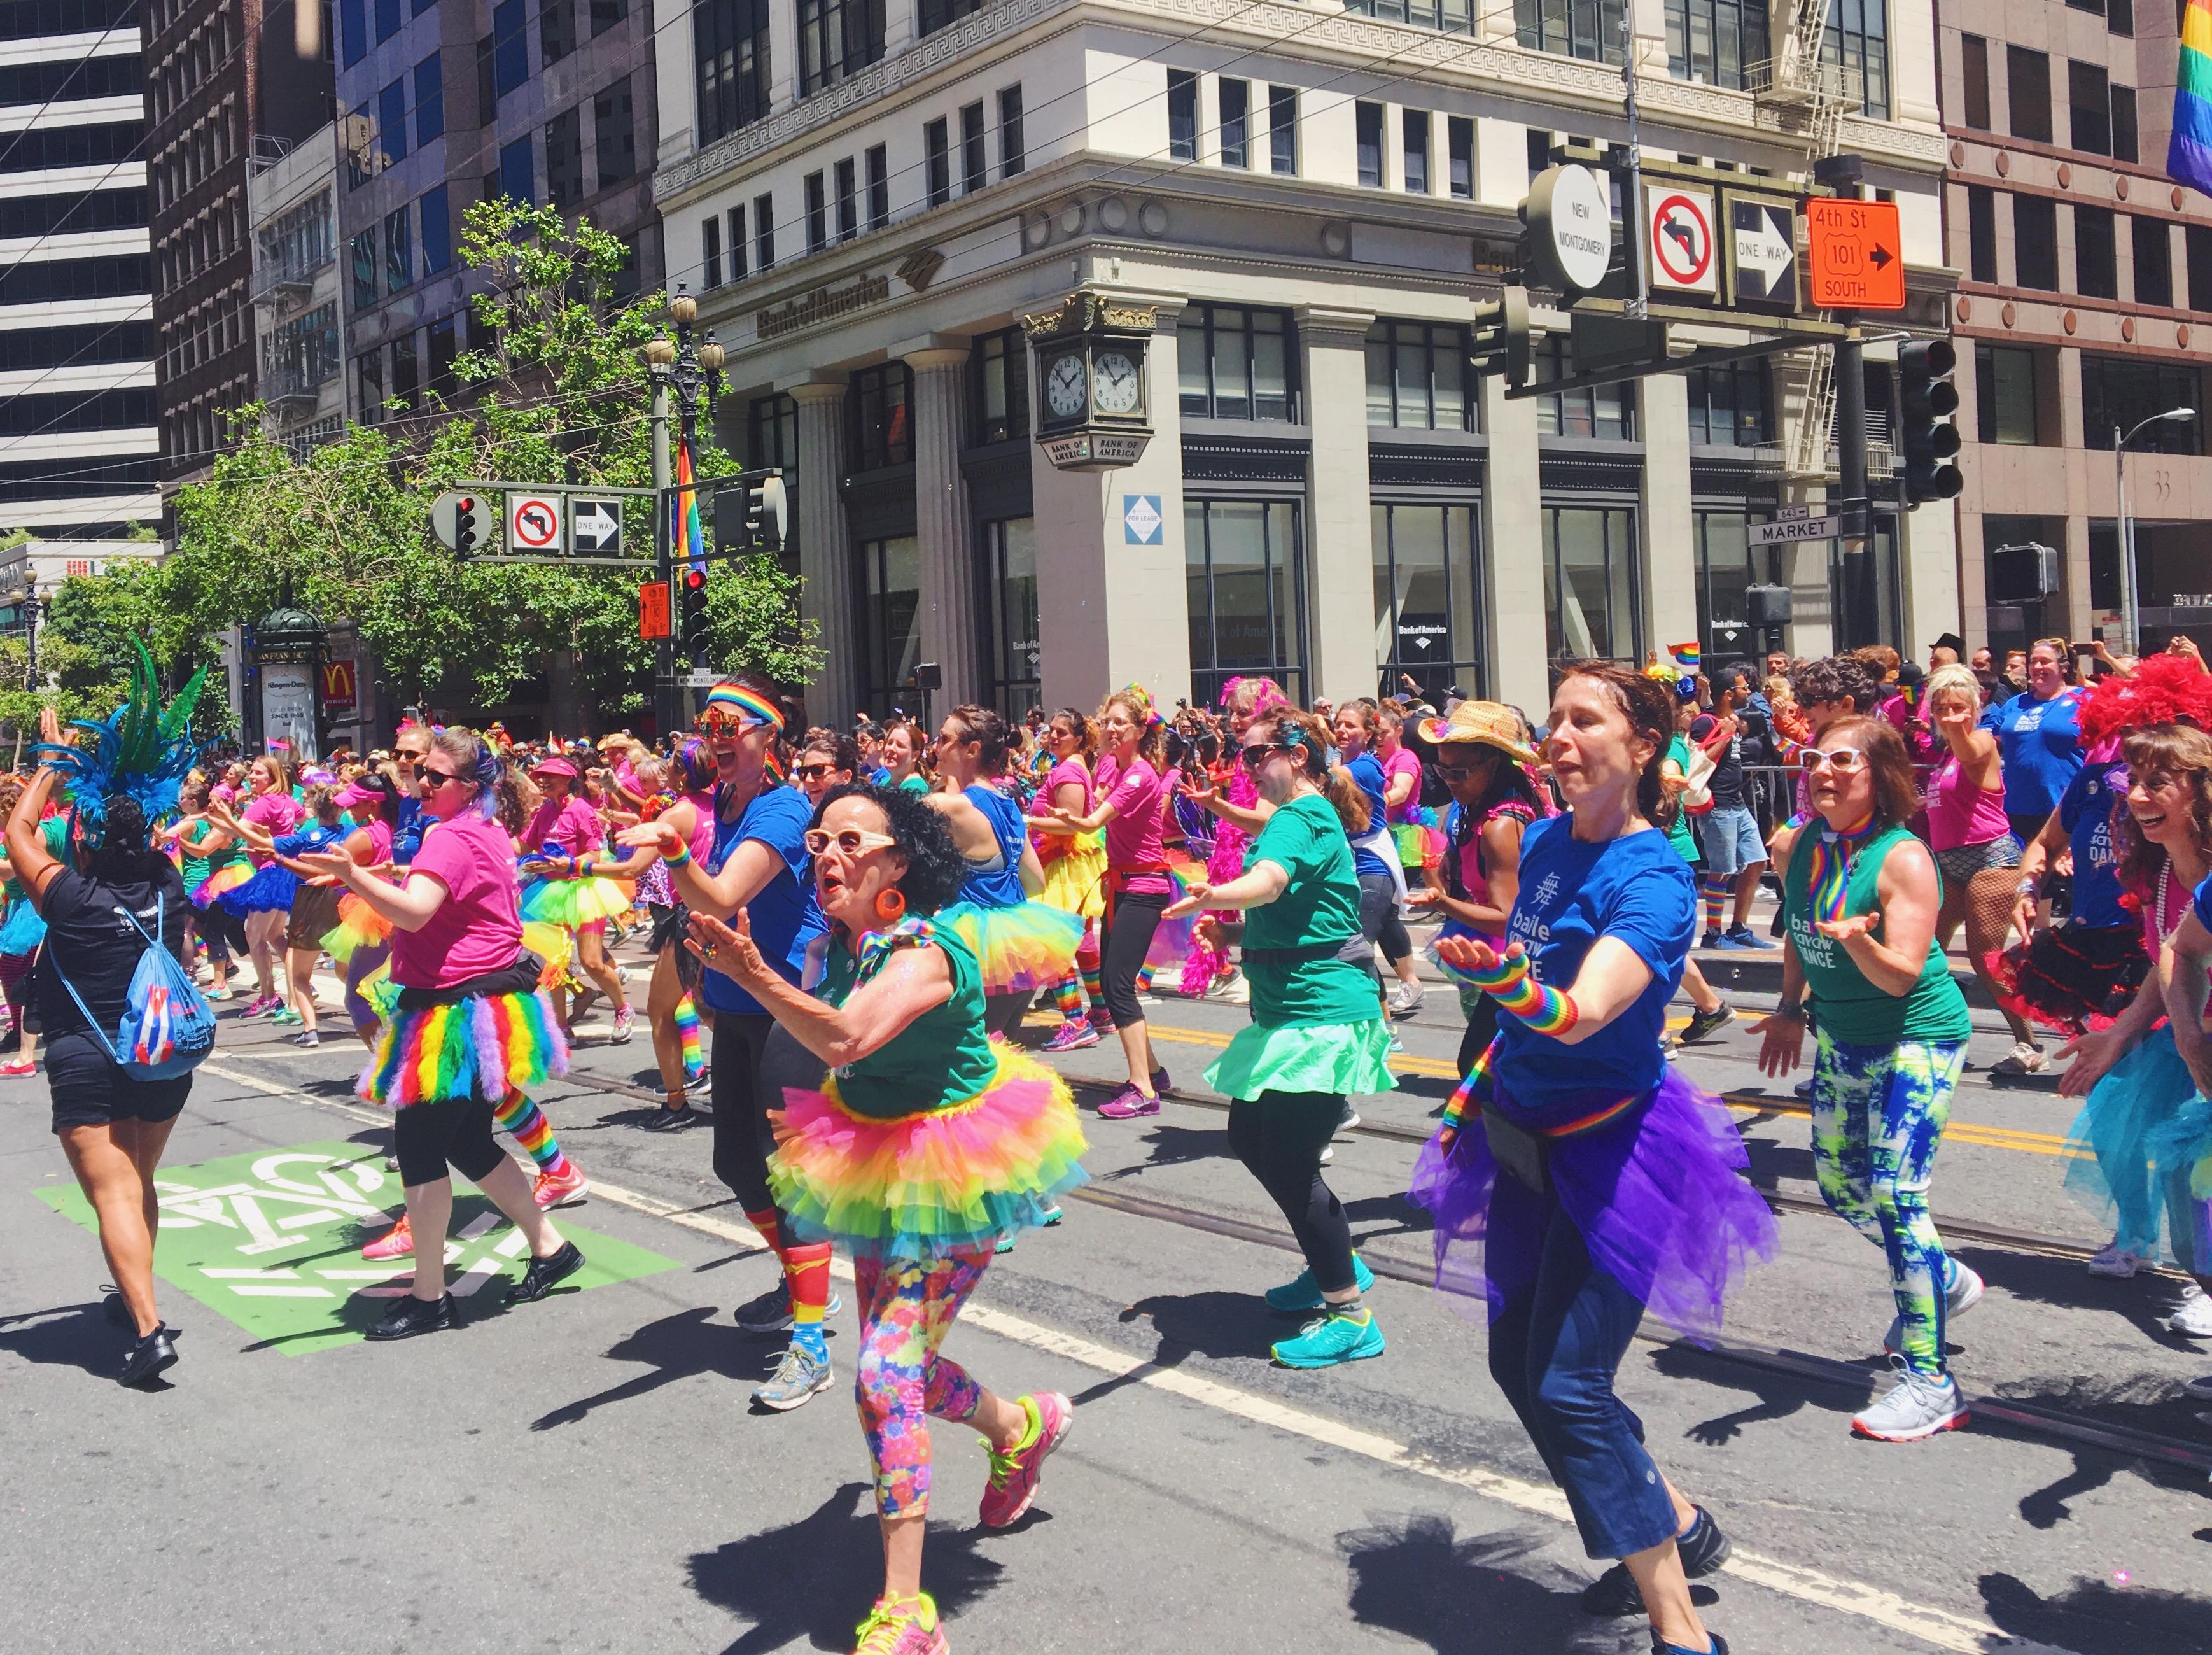 Coreografia di colori arcobaleno - L'evento migliore di San Francisco - la LGBTQ Pride Parade